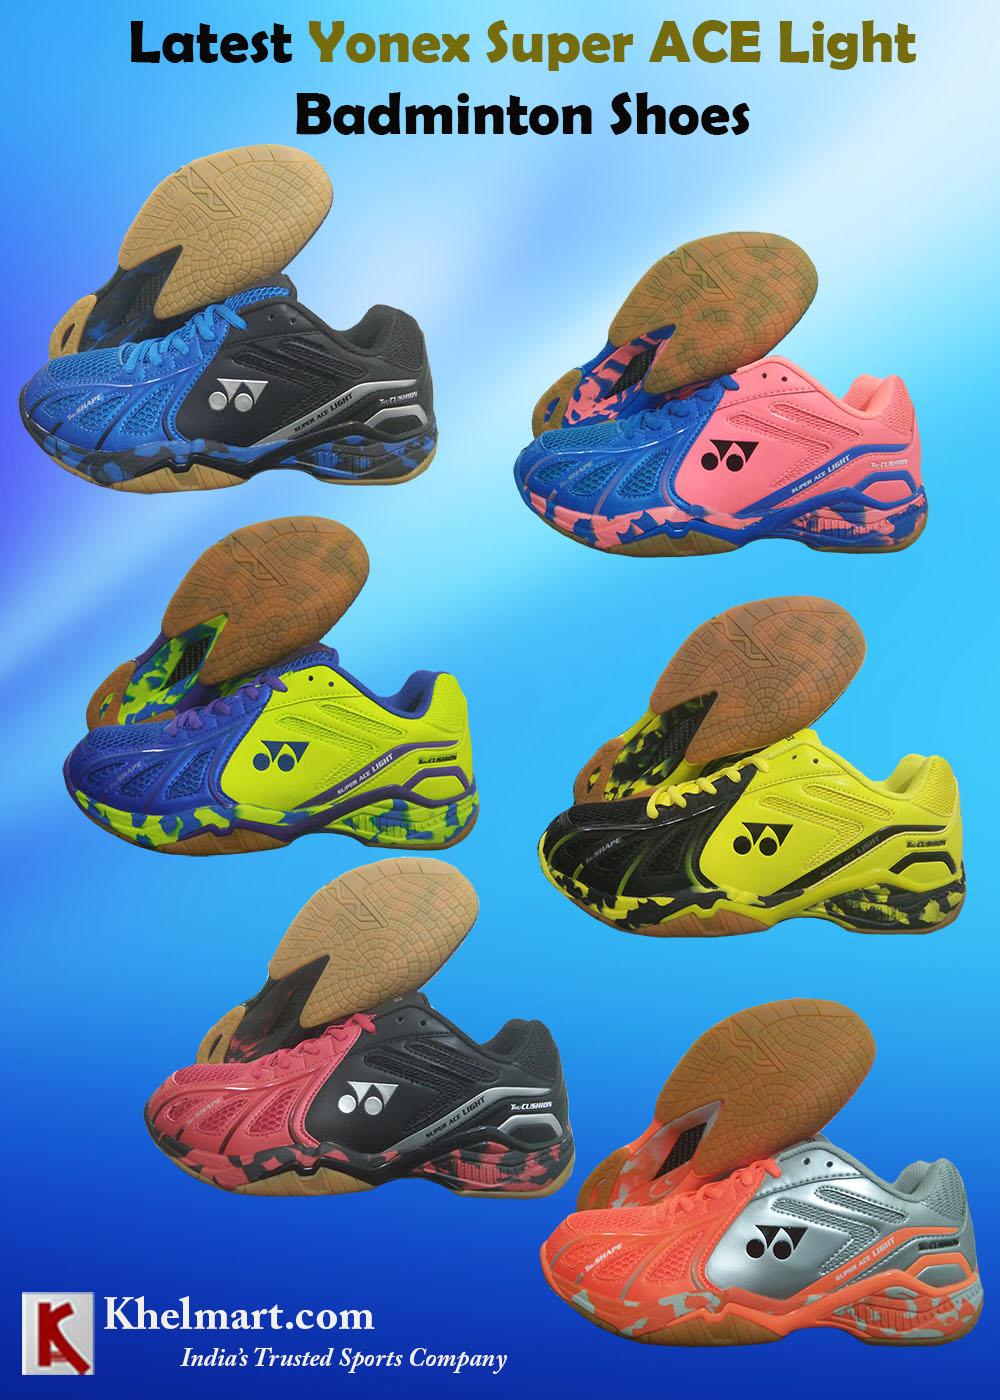 Latest Yonex Super ACE Light Badminton Shoes